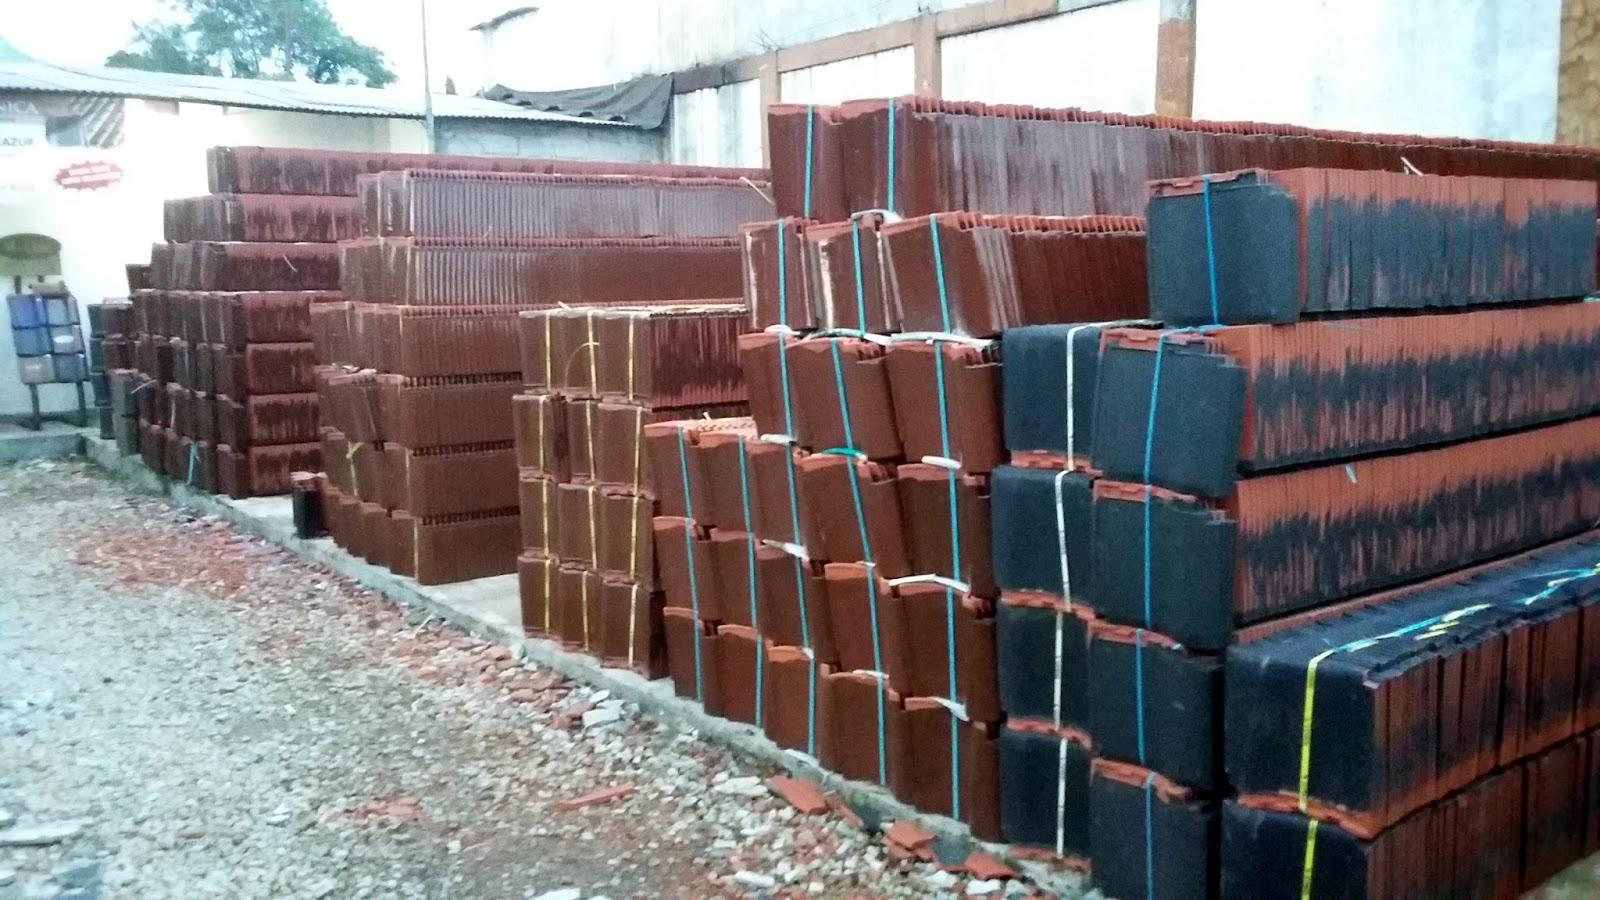 Daftar Alamat Pabrik Genteng di Jawa Tengah